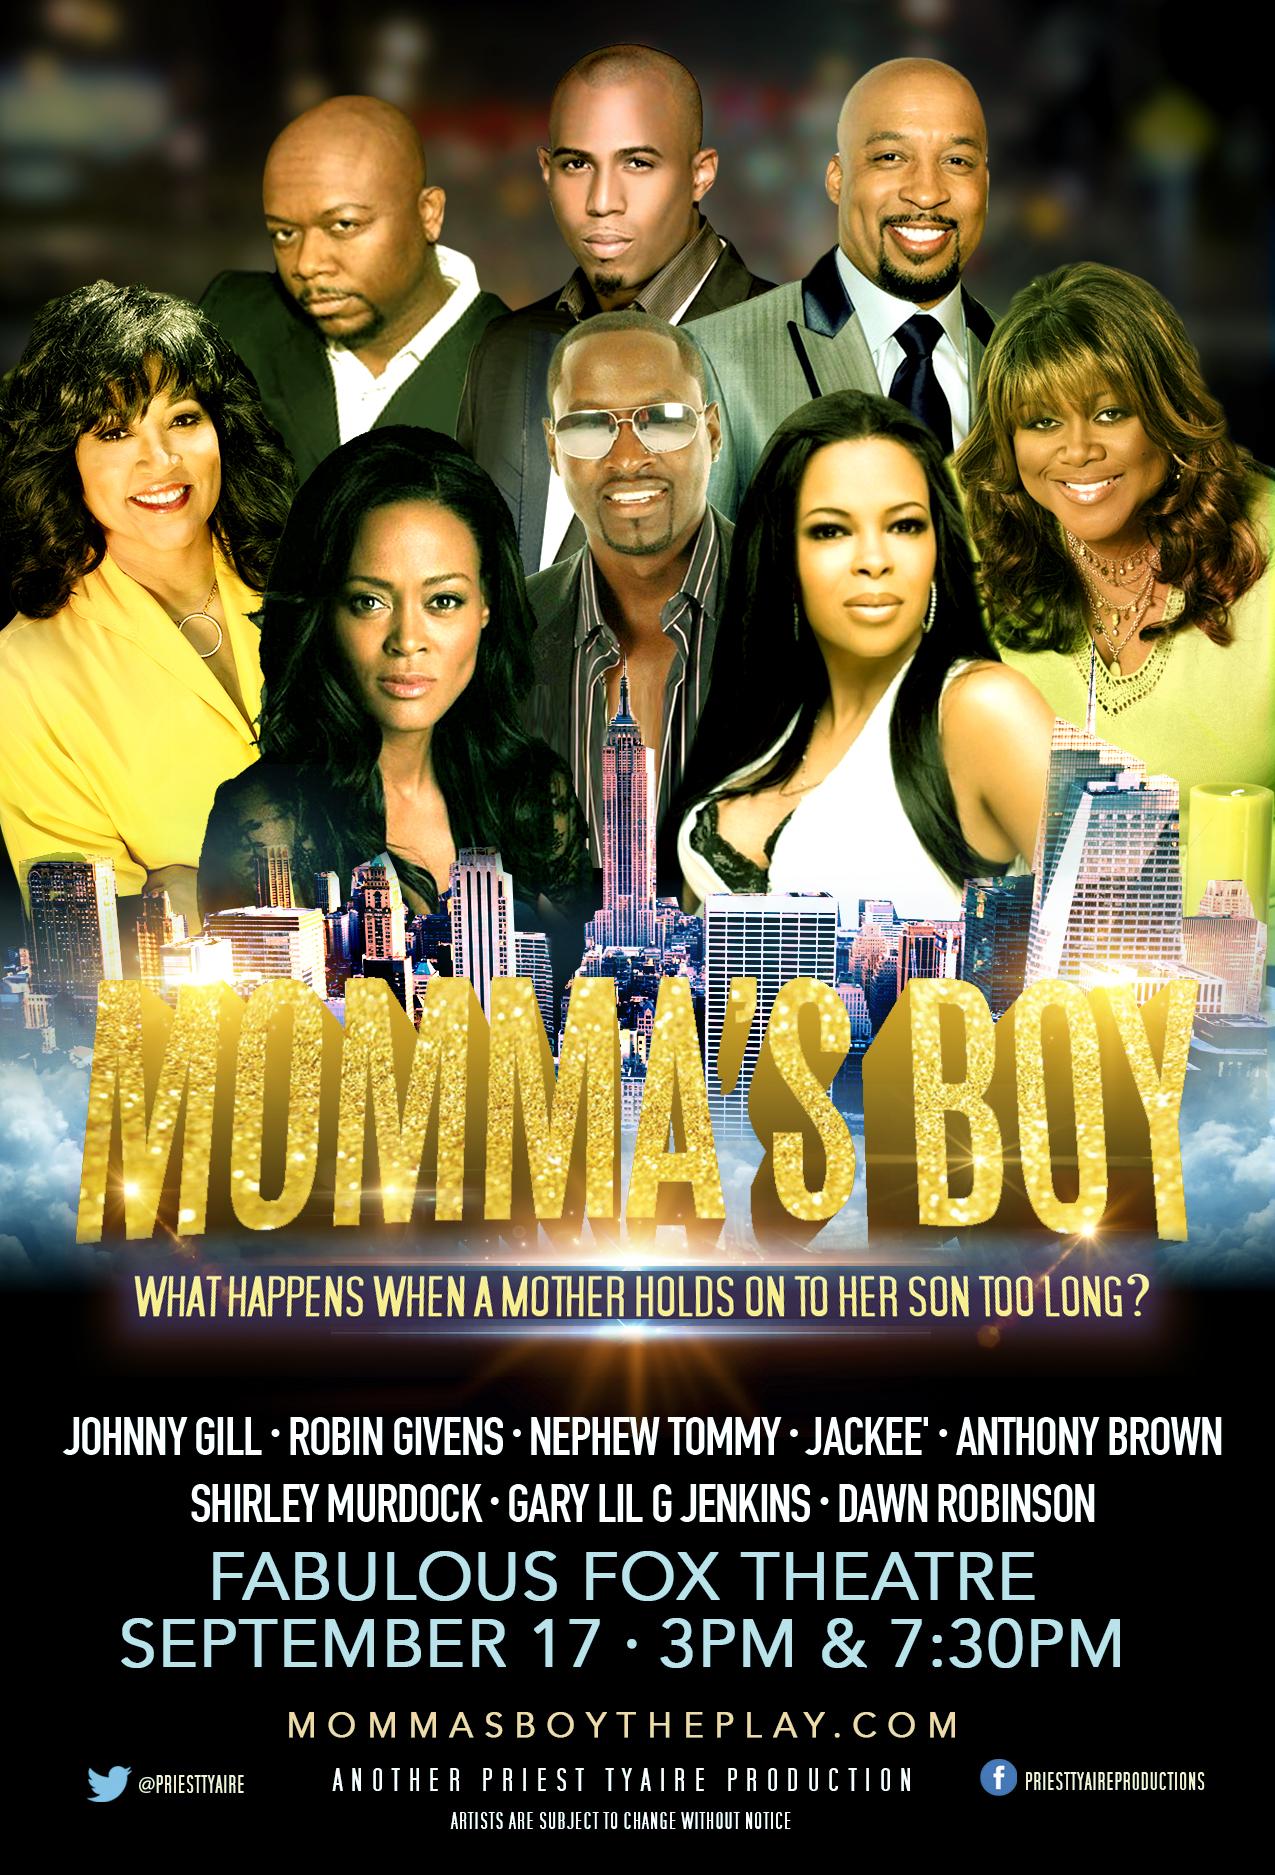 Mommas Boy The Play